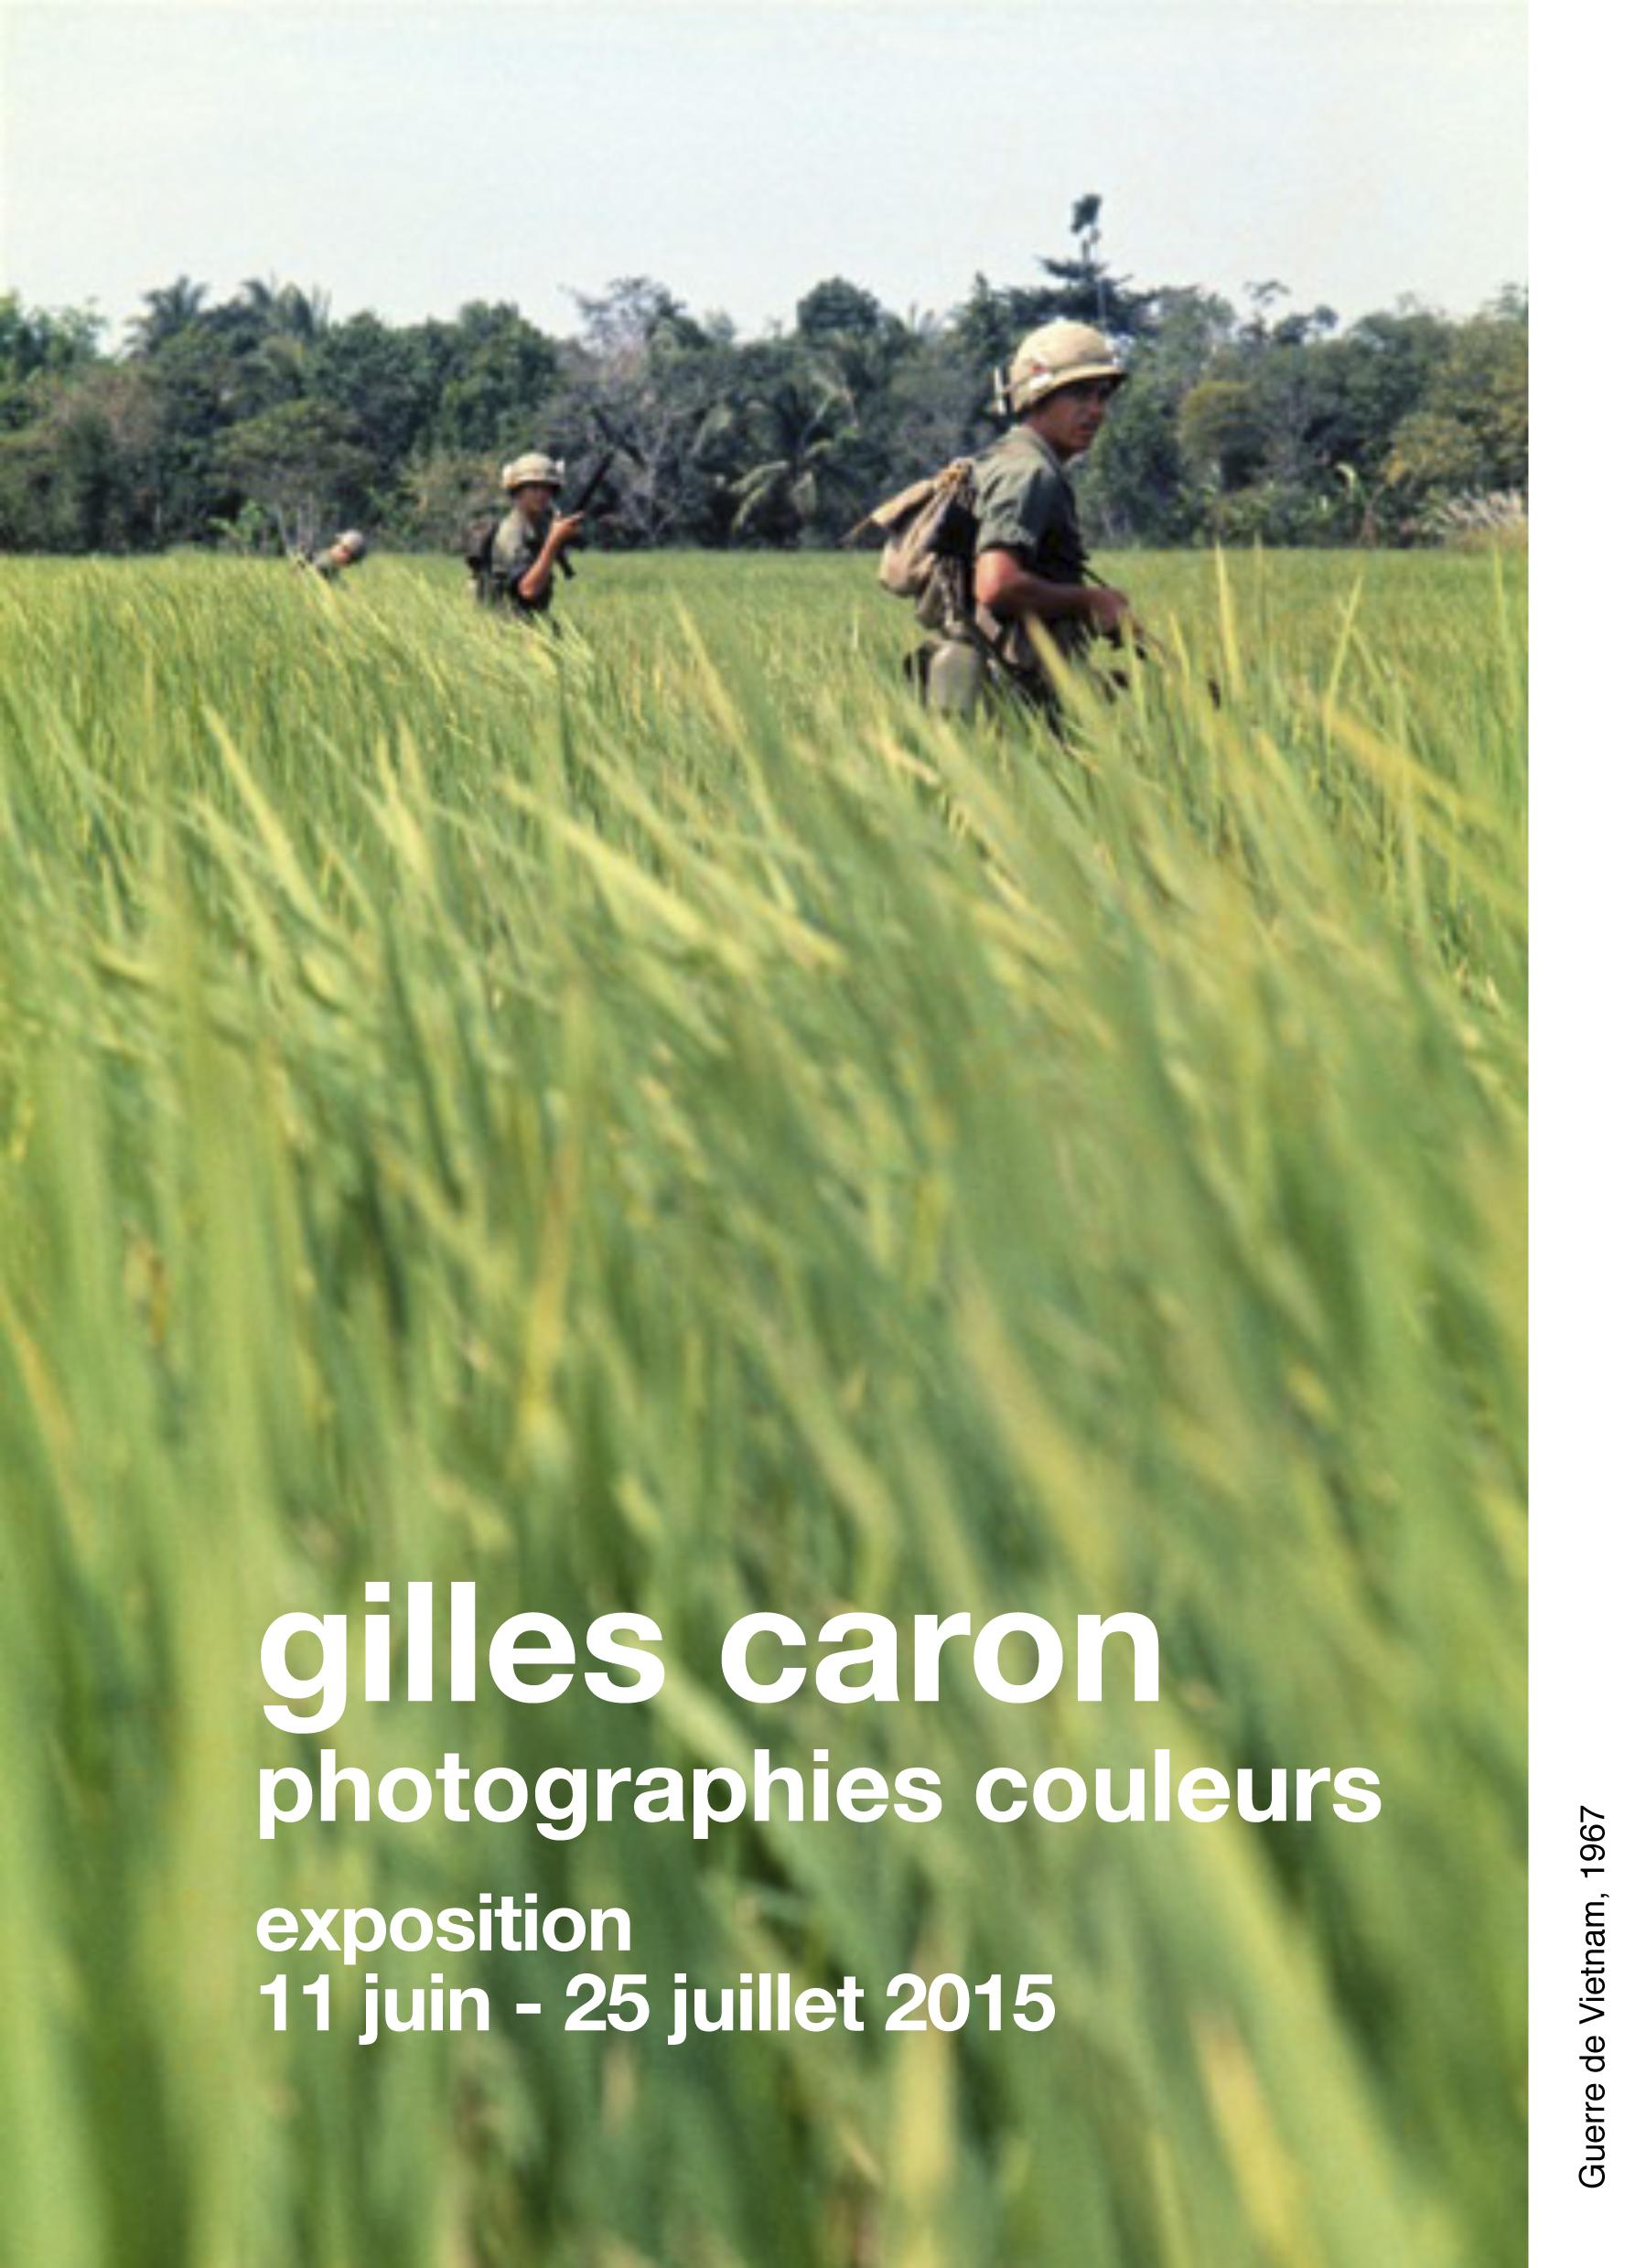 Gilles Caron dossier de presse resseré